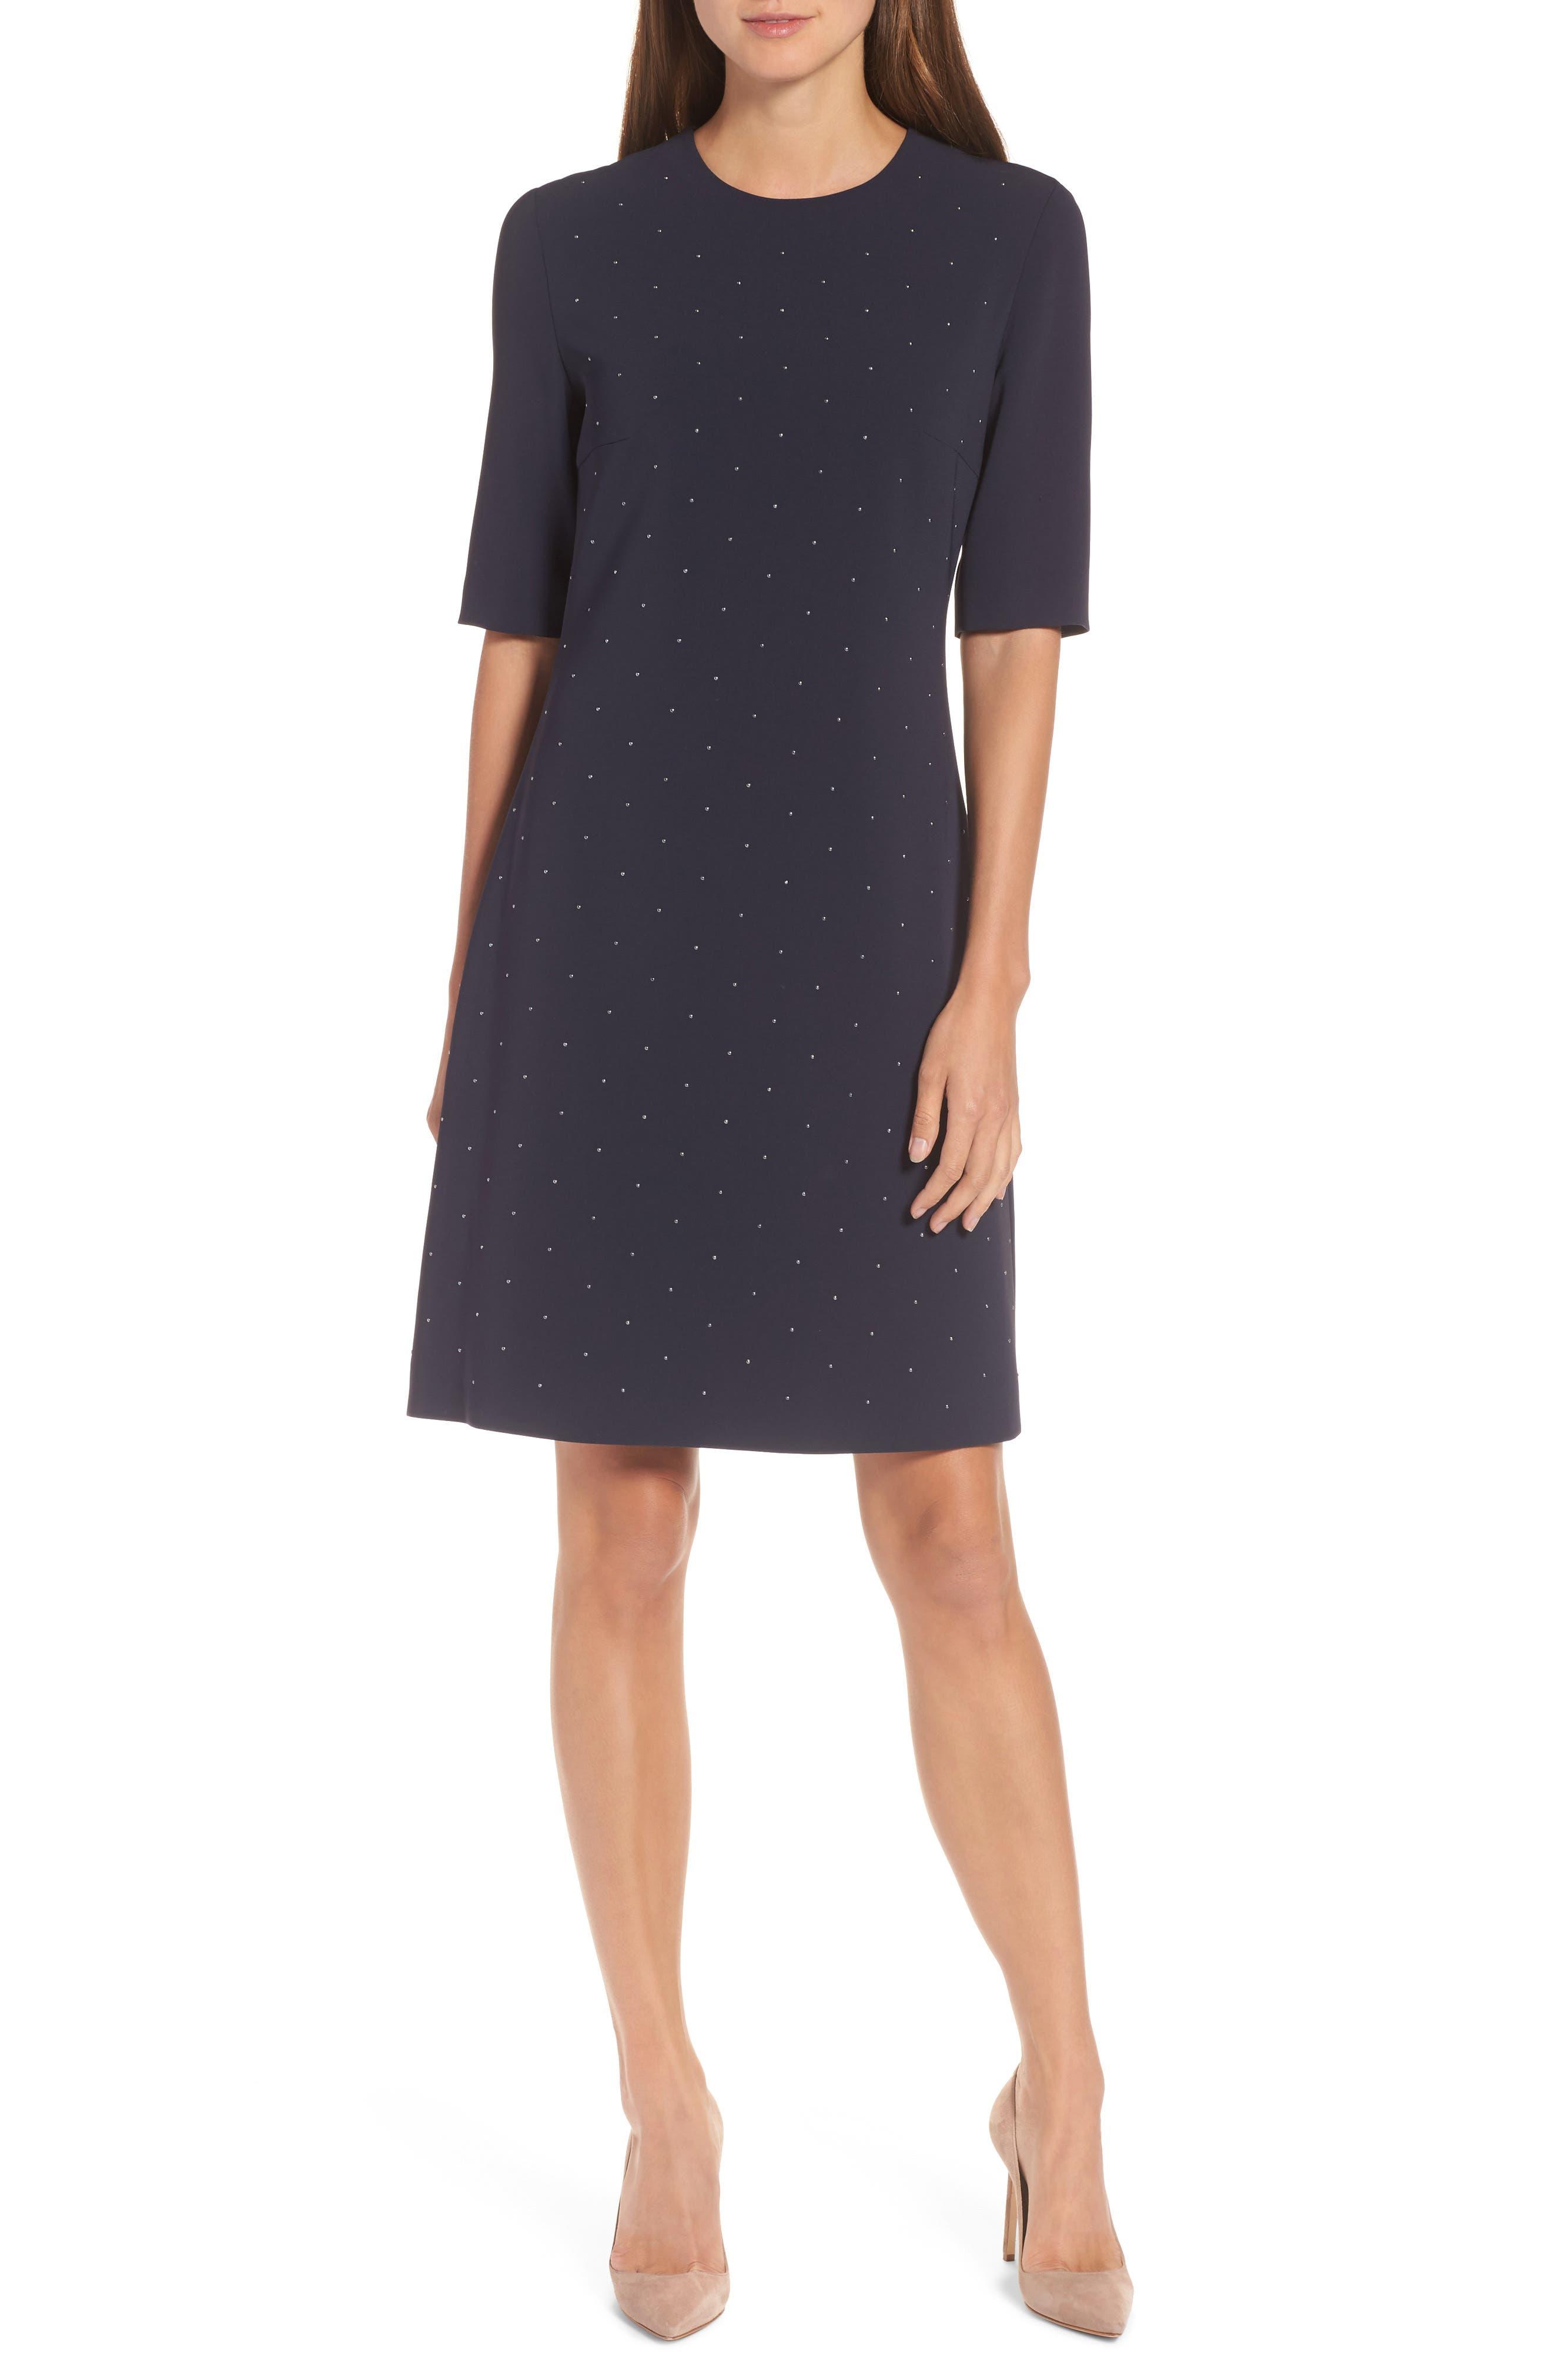 Durasia Embellished A-Line Dress,                         Main,                         color, 480